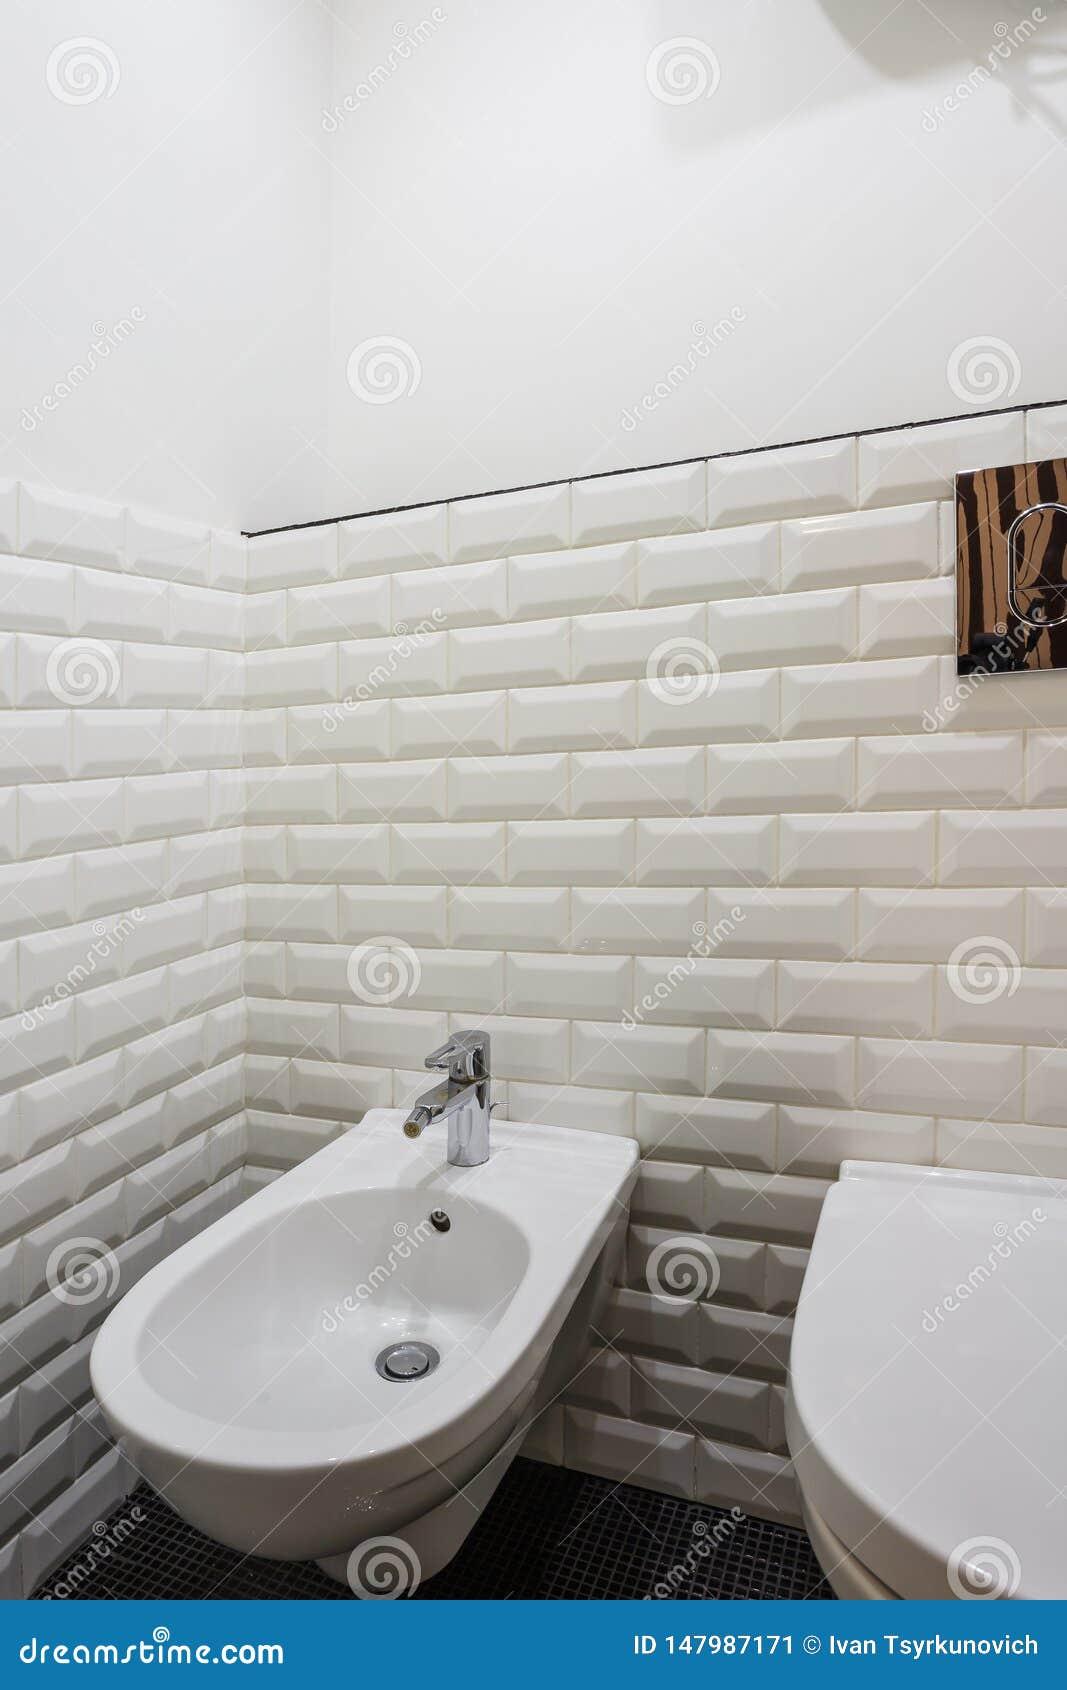 Toaleta i szczeg?? naro?nikowy prysznic bidet z ?cienn? g?r? bra? pryszni? doczepianie